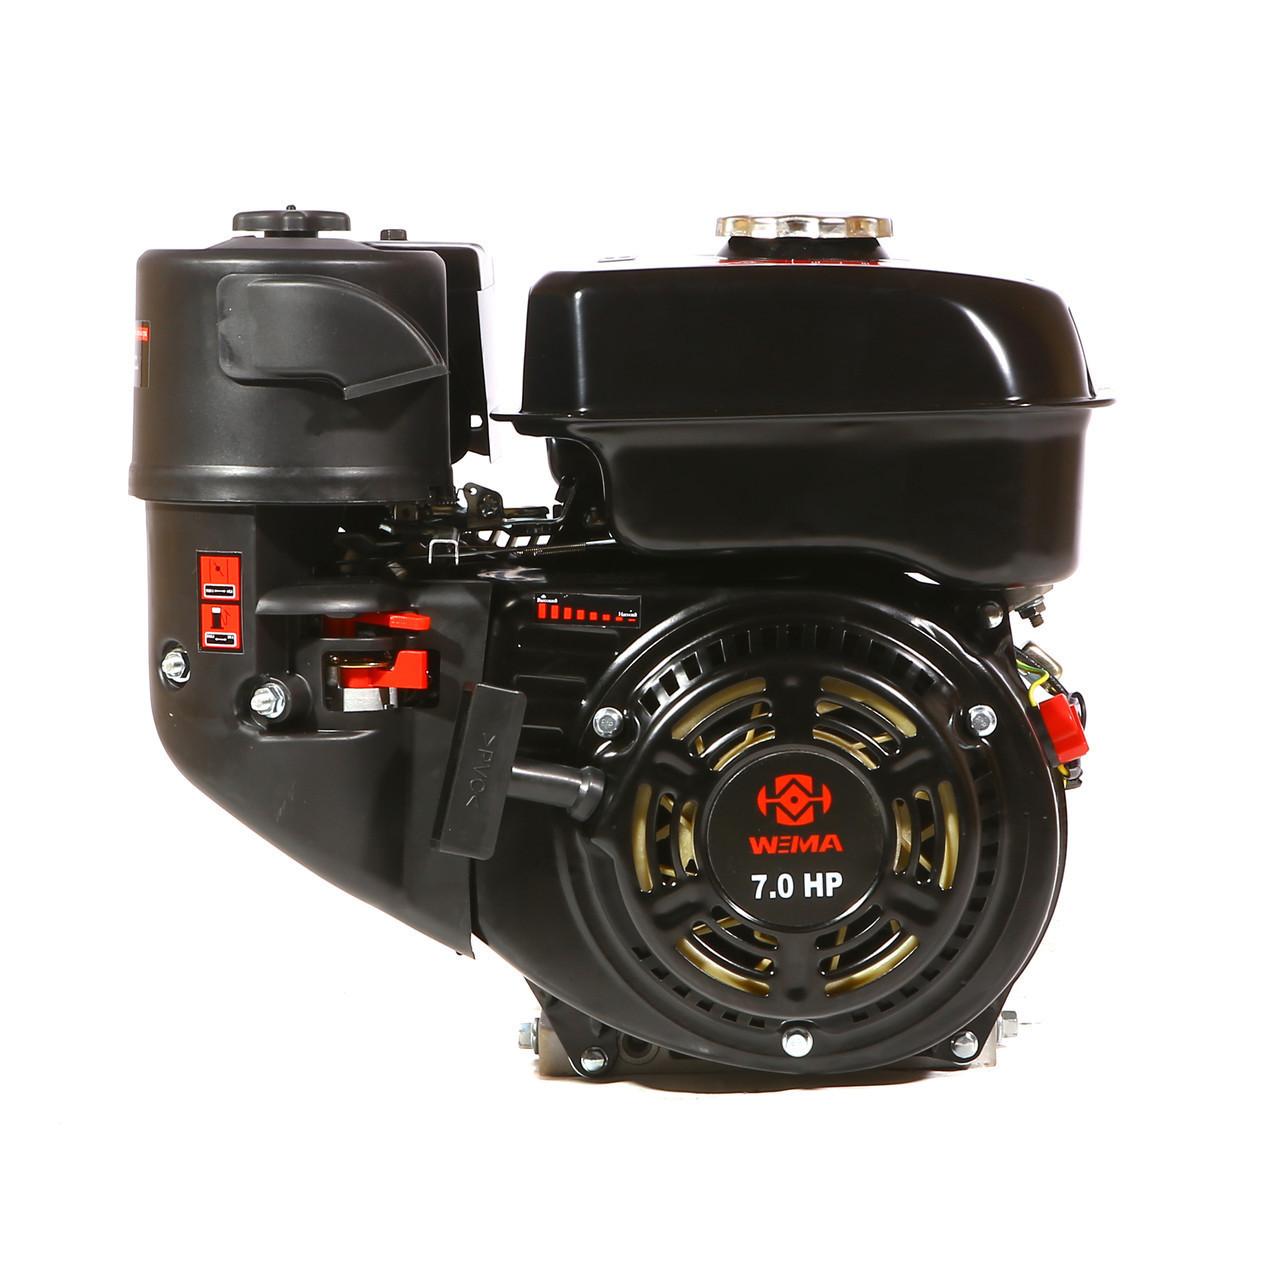 Двигатель бензиновый Weima WM170F-T/20 New (7,0 л.с.,вал под шлиц)